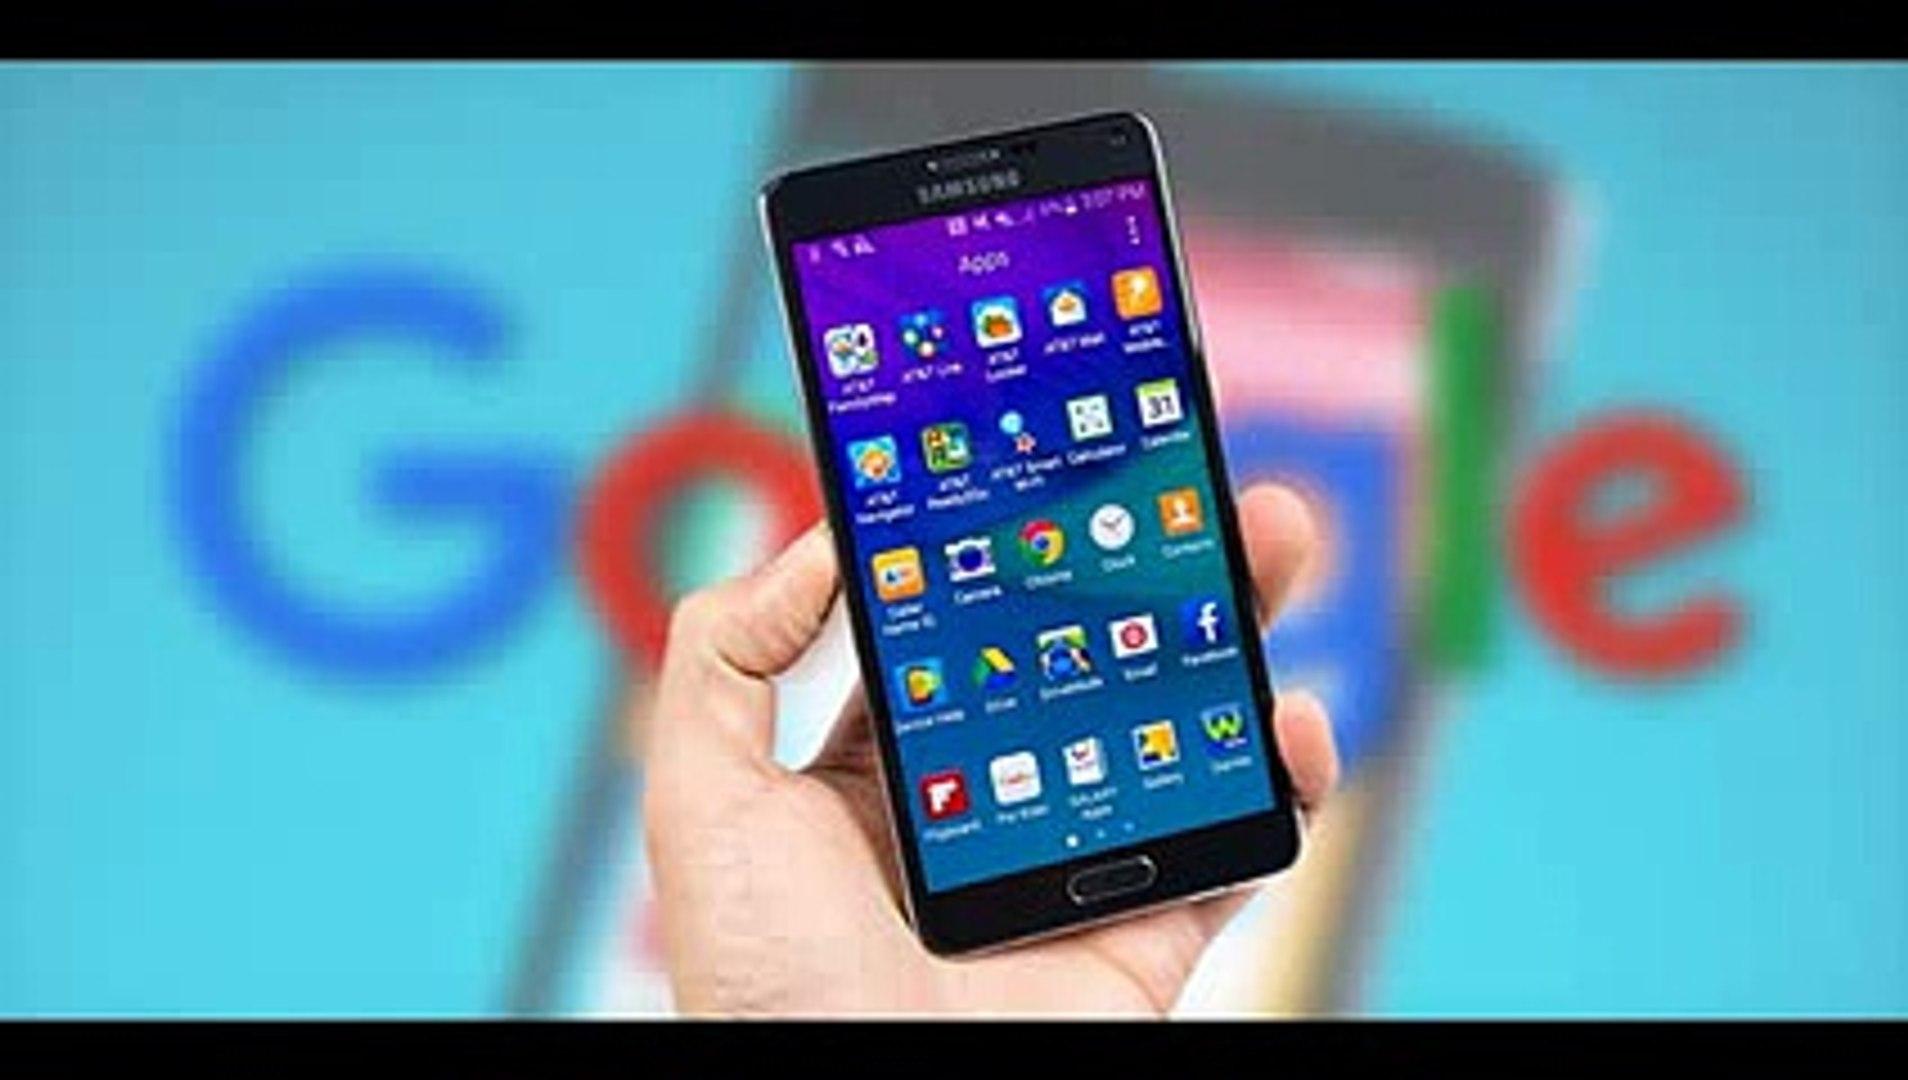 10 تطبيقات من جوجل للهواتف الذكية لم تسمع بها أو تجربها من قبل